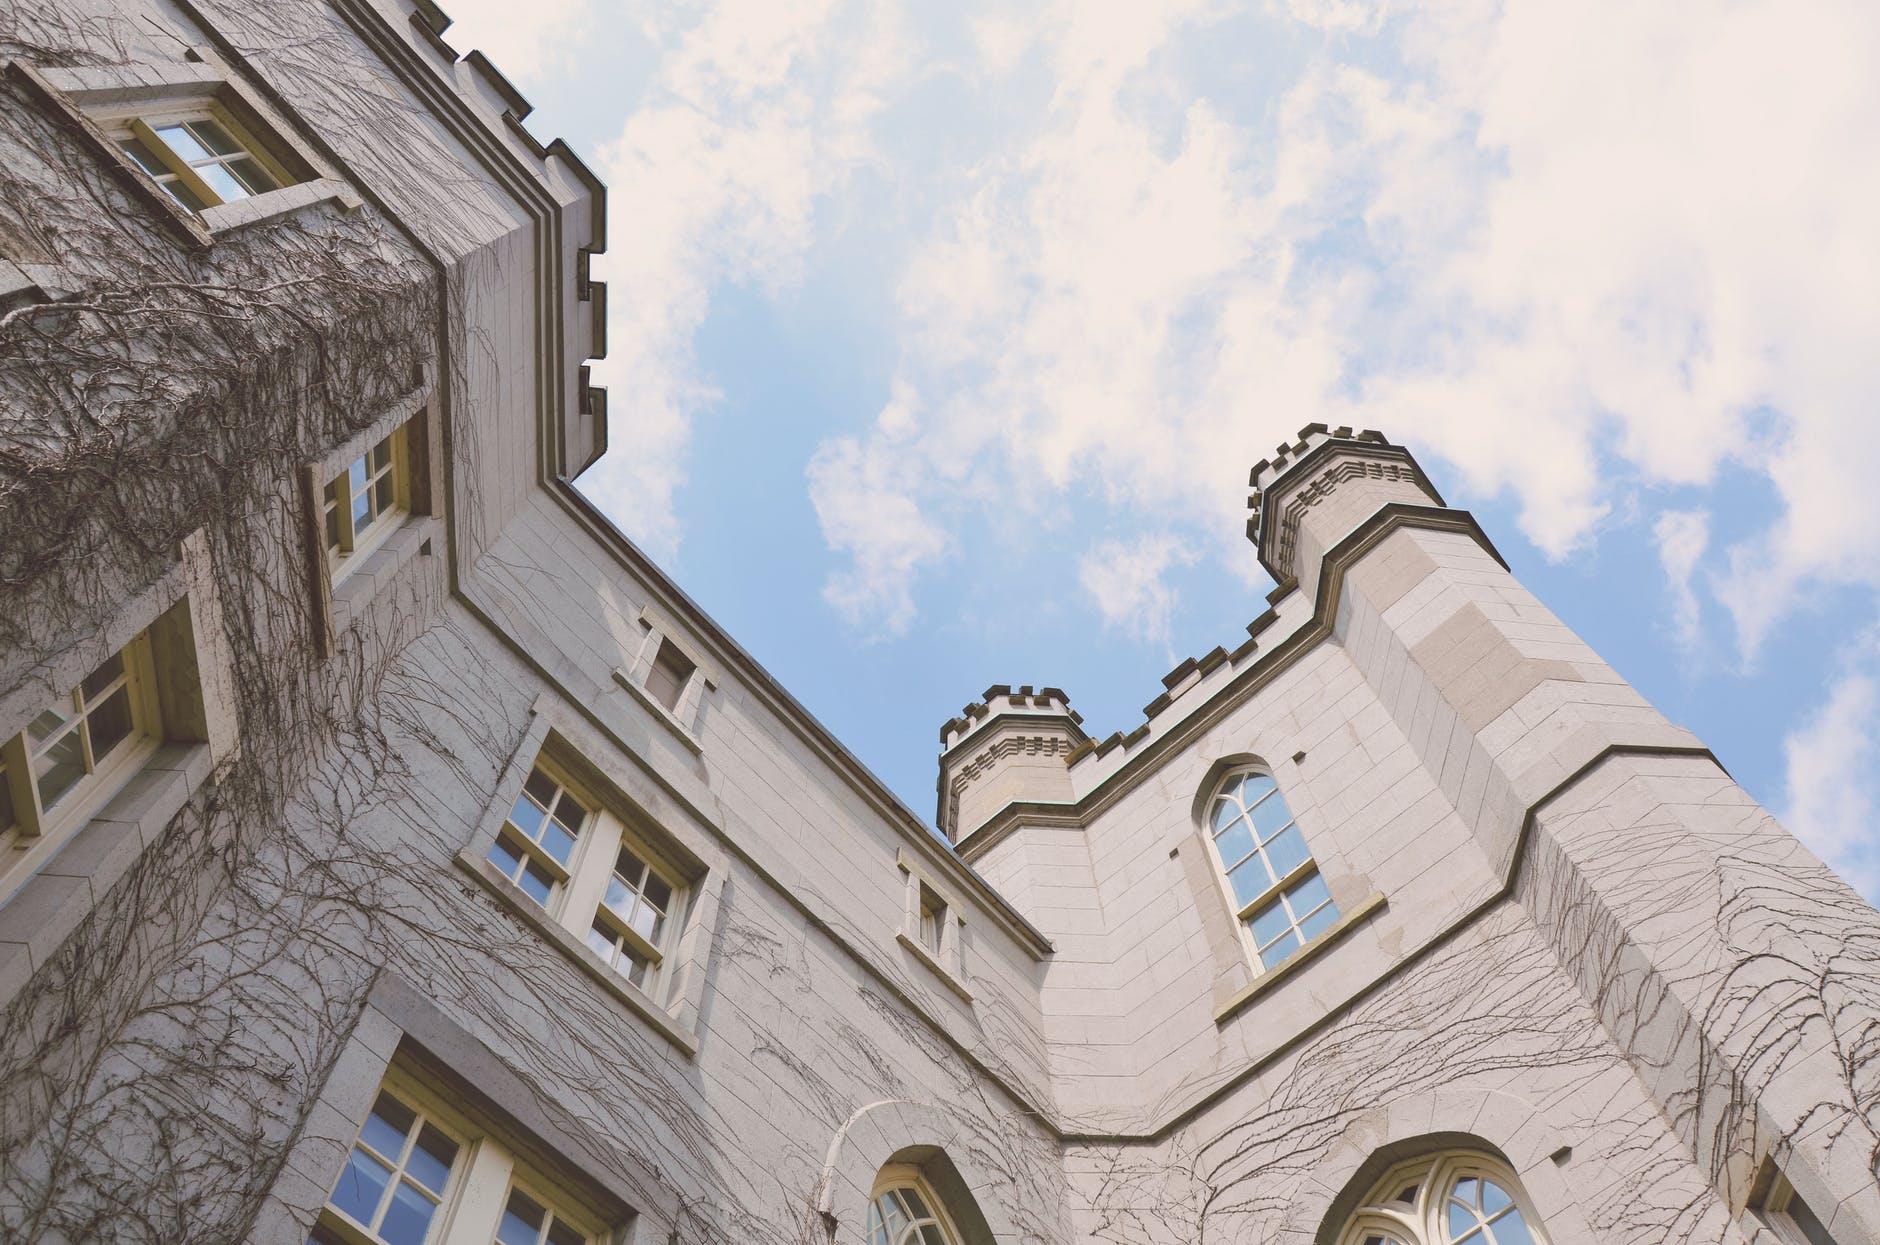 sky buildings castle vines